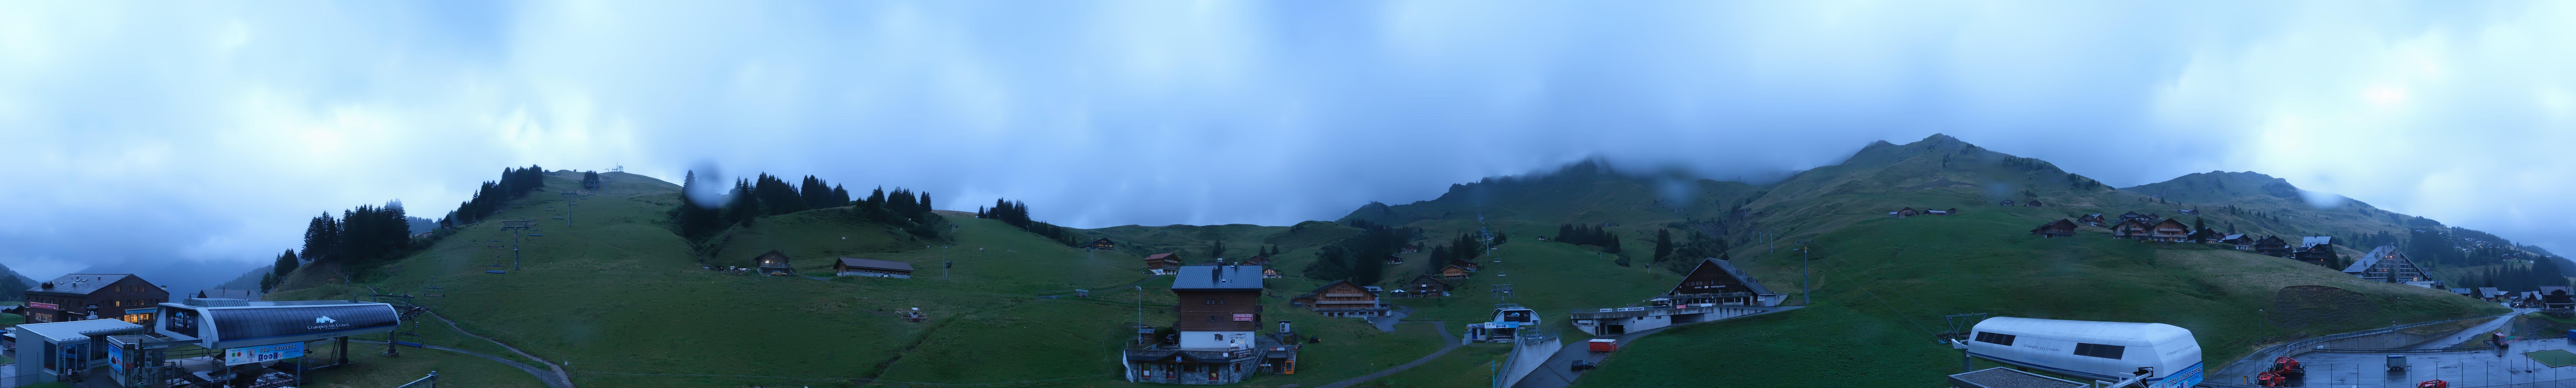 Val-d'Illiez: Les Crosets (Portes du Soleil)